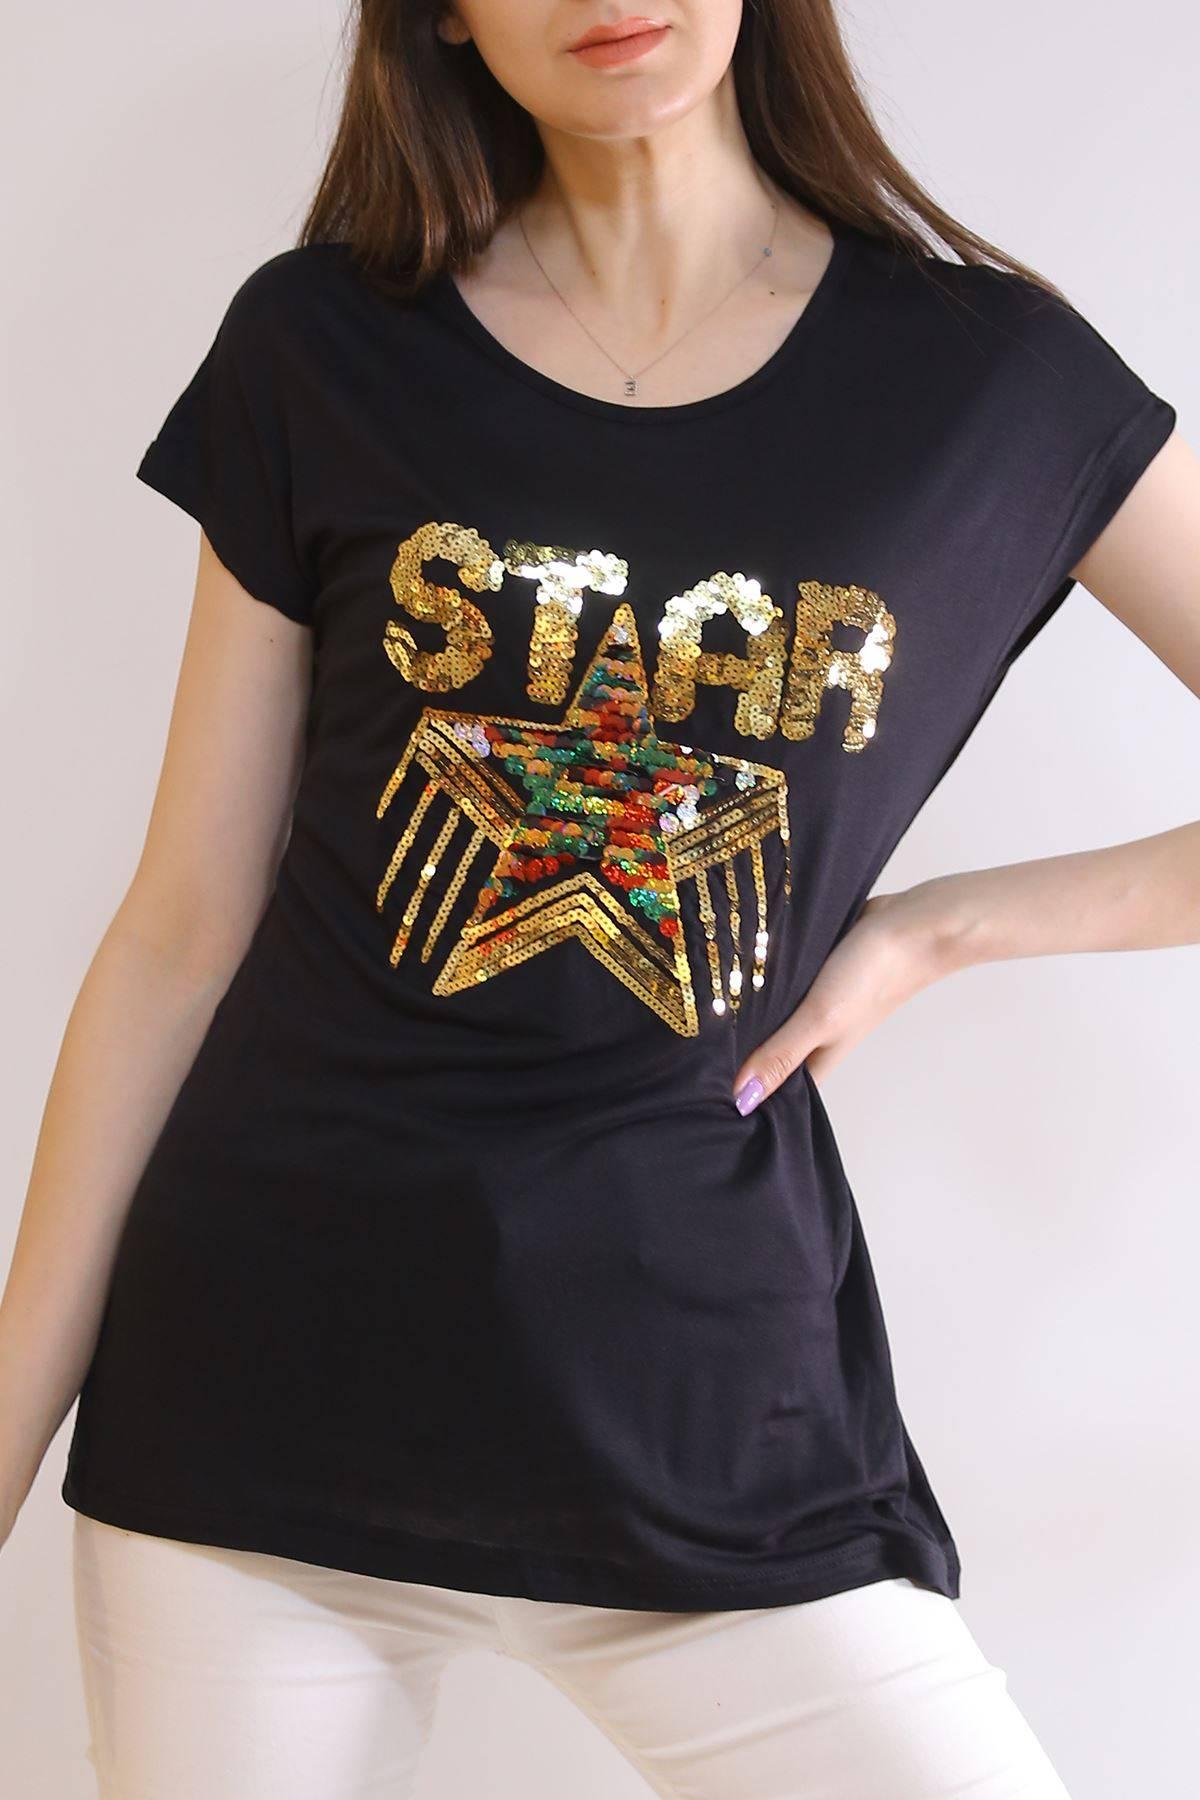 Star Baskı Tişört Siyah - 6522.599.